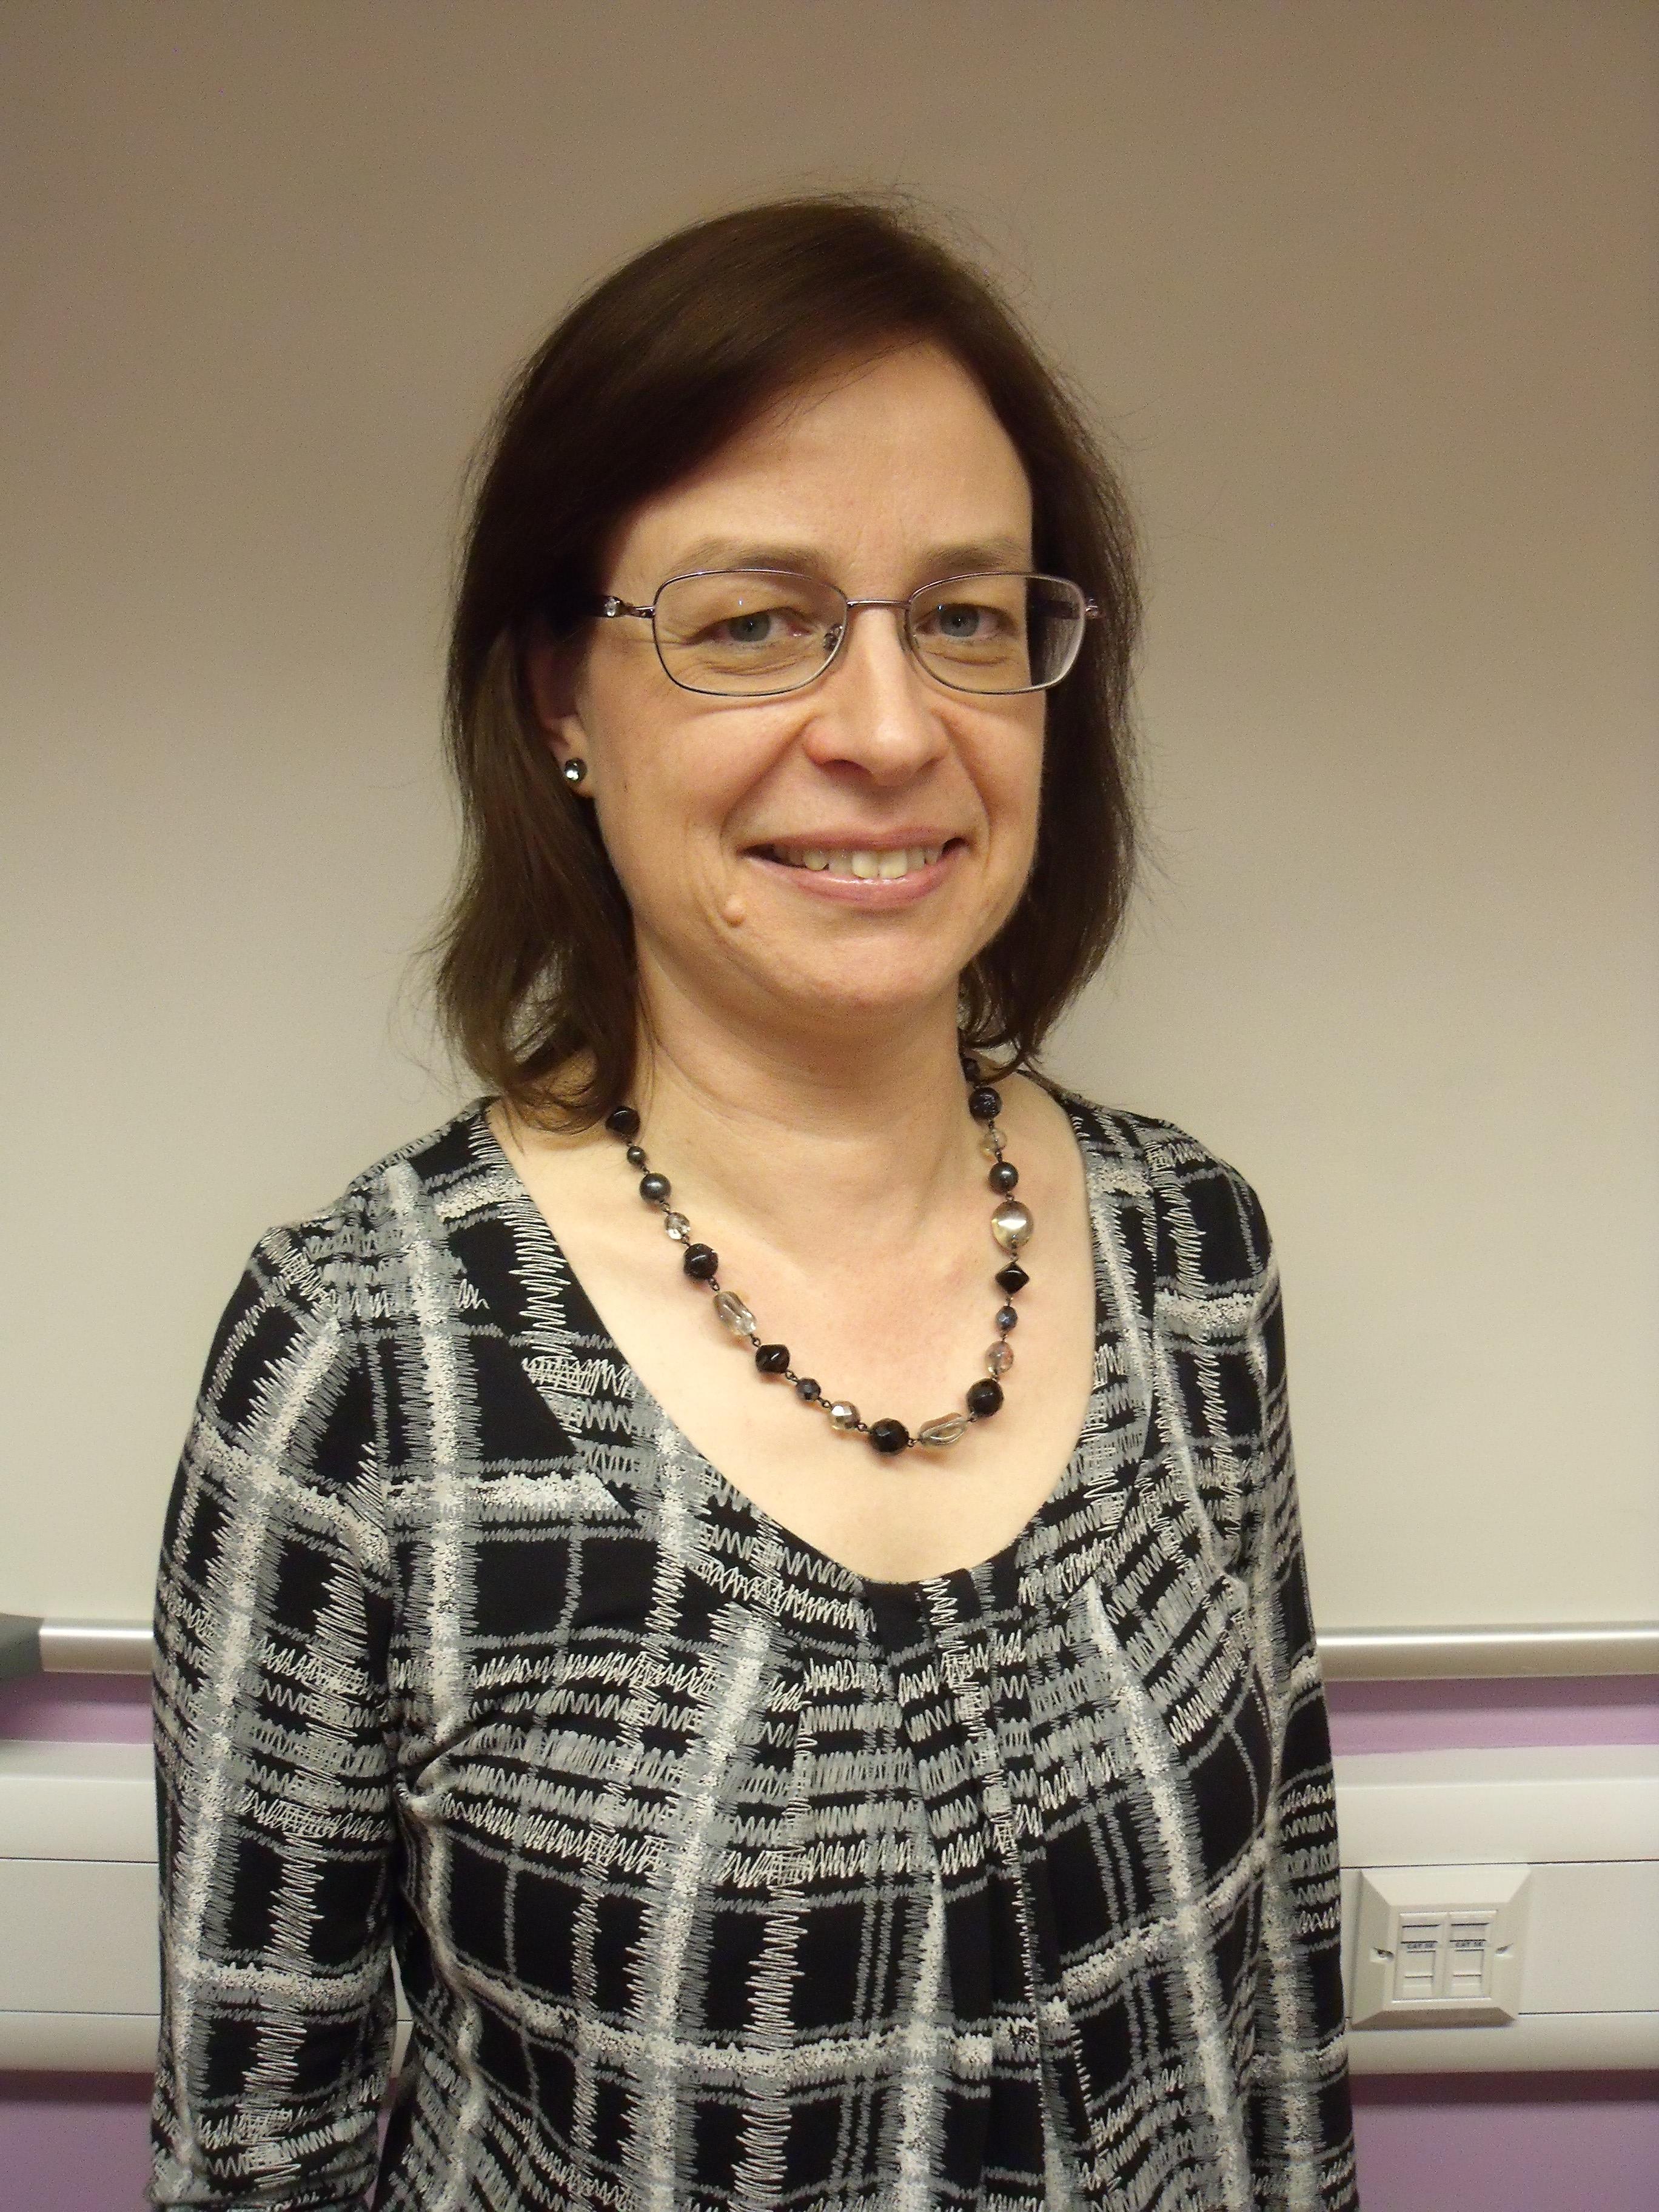 Debbie Jolliff